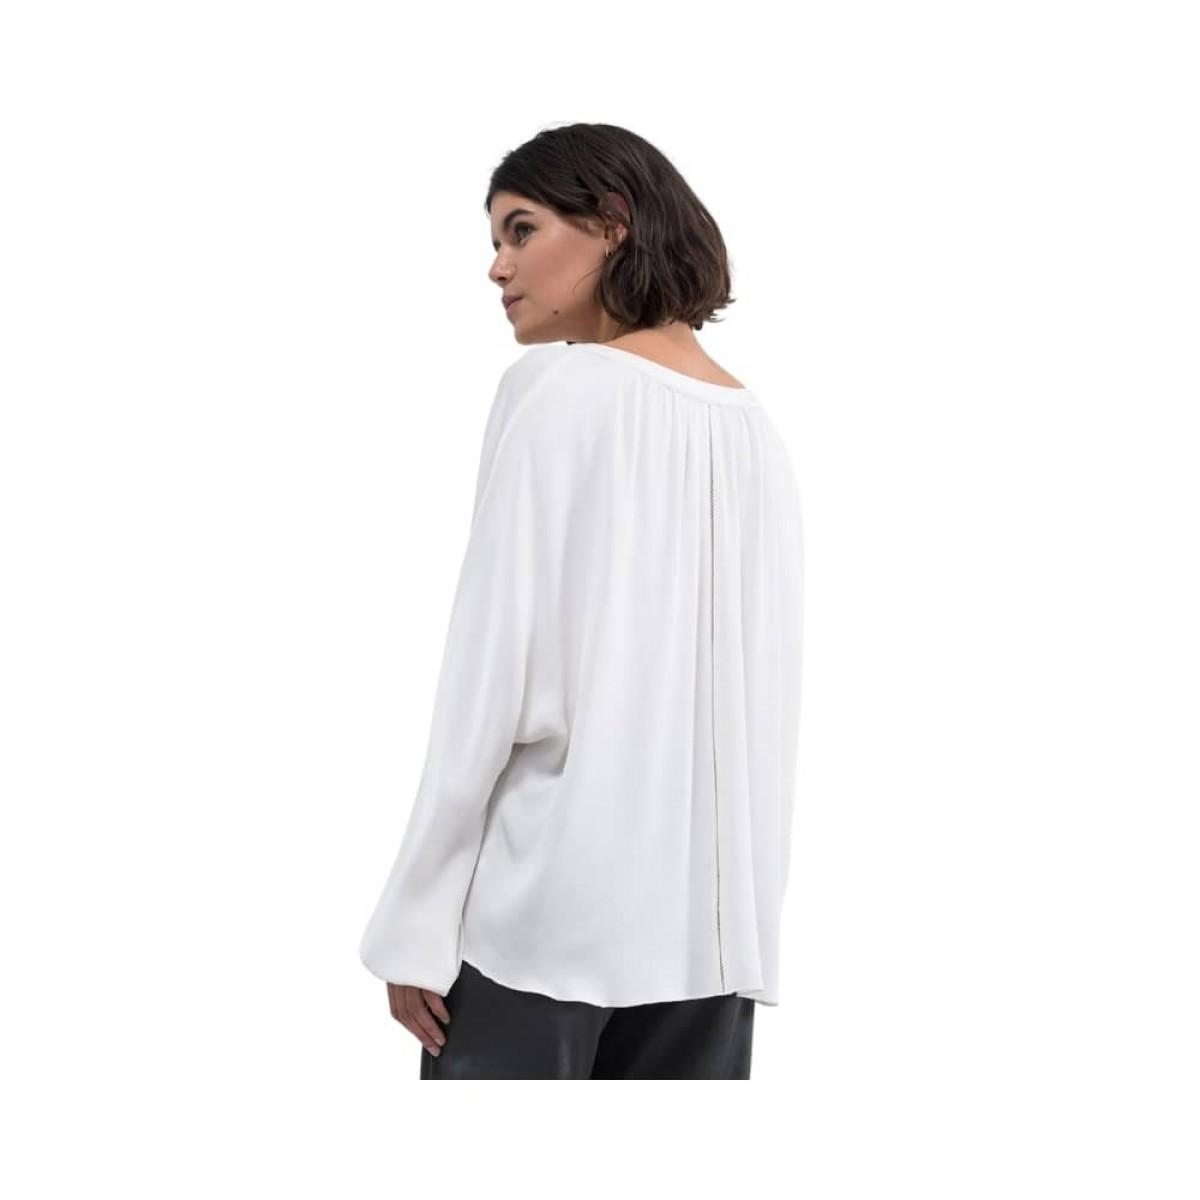 hiromi bluse - off white - model billede siden